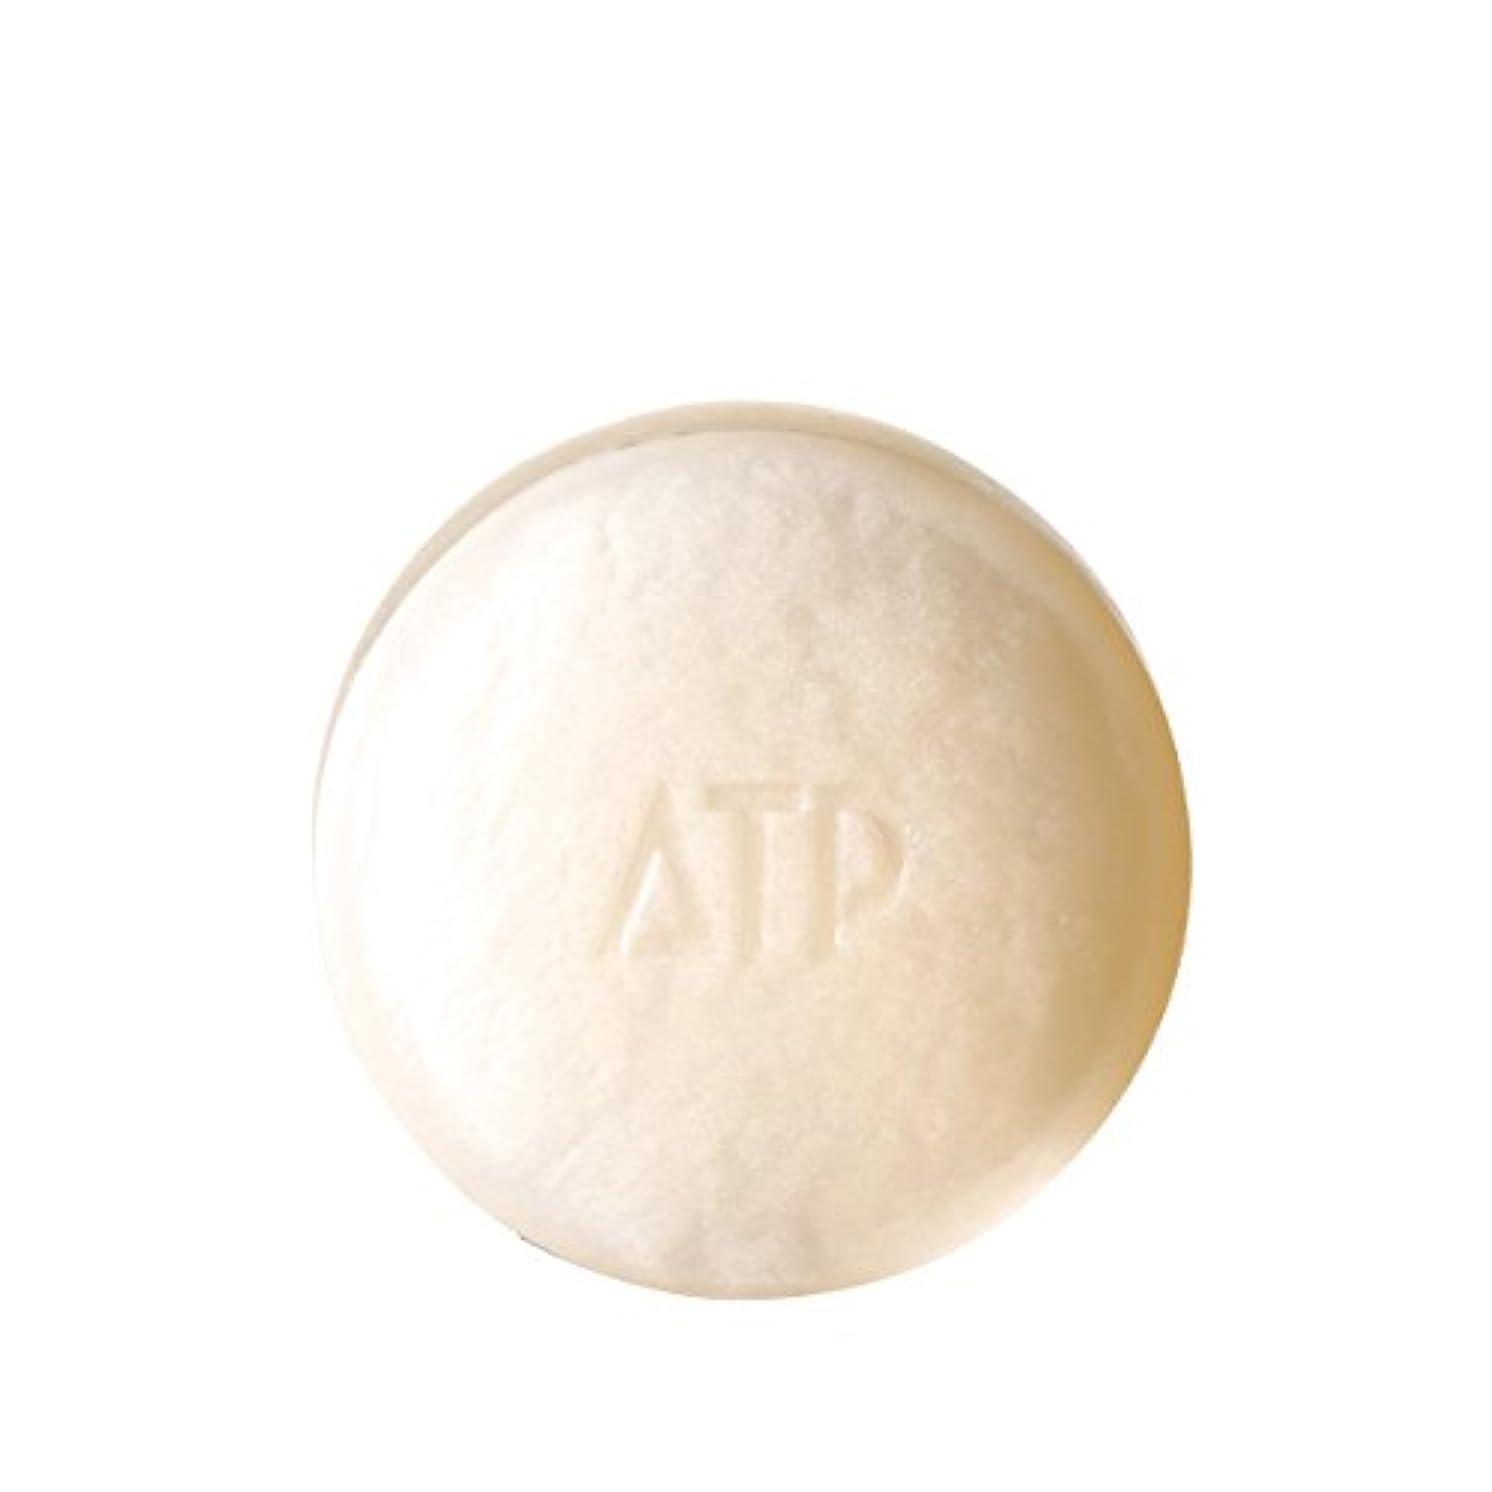 相対性理論不透明なメロドラマラシンシア ATP デリケアソープ 100g 【全身用洗浄石けん】